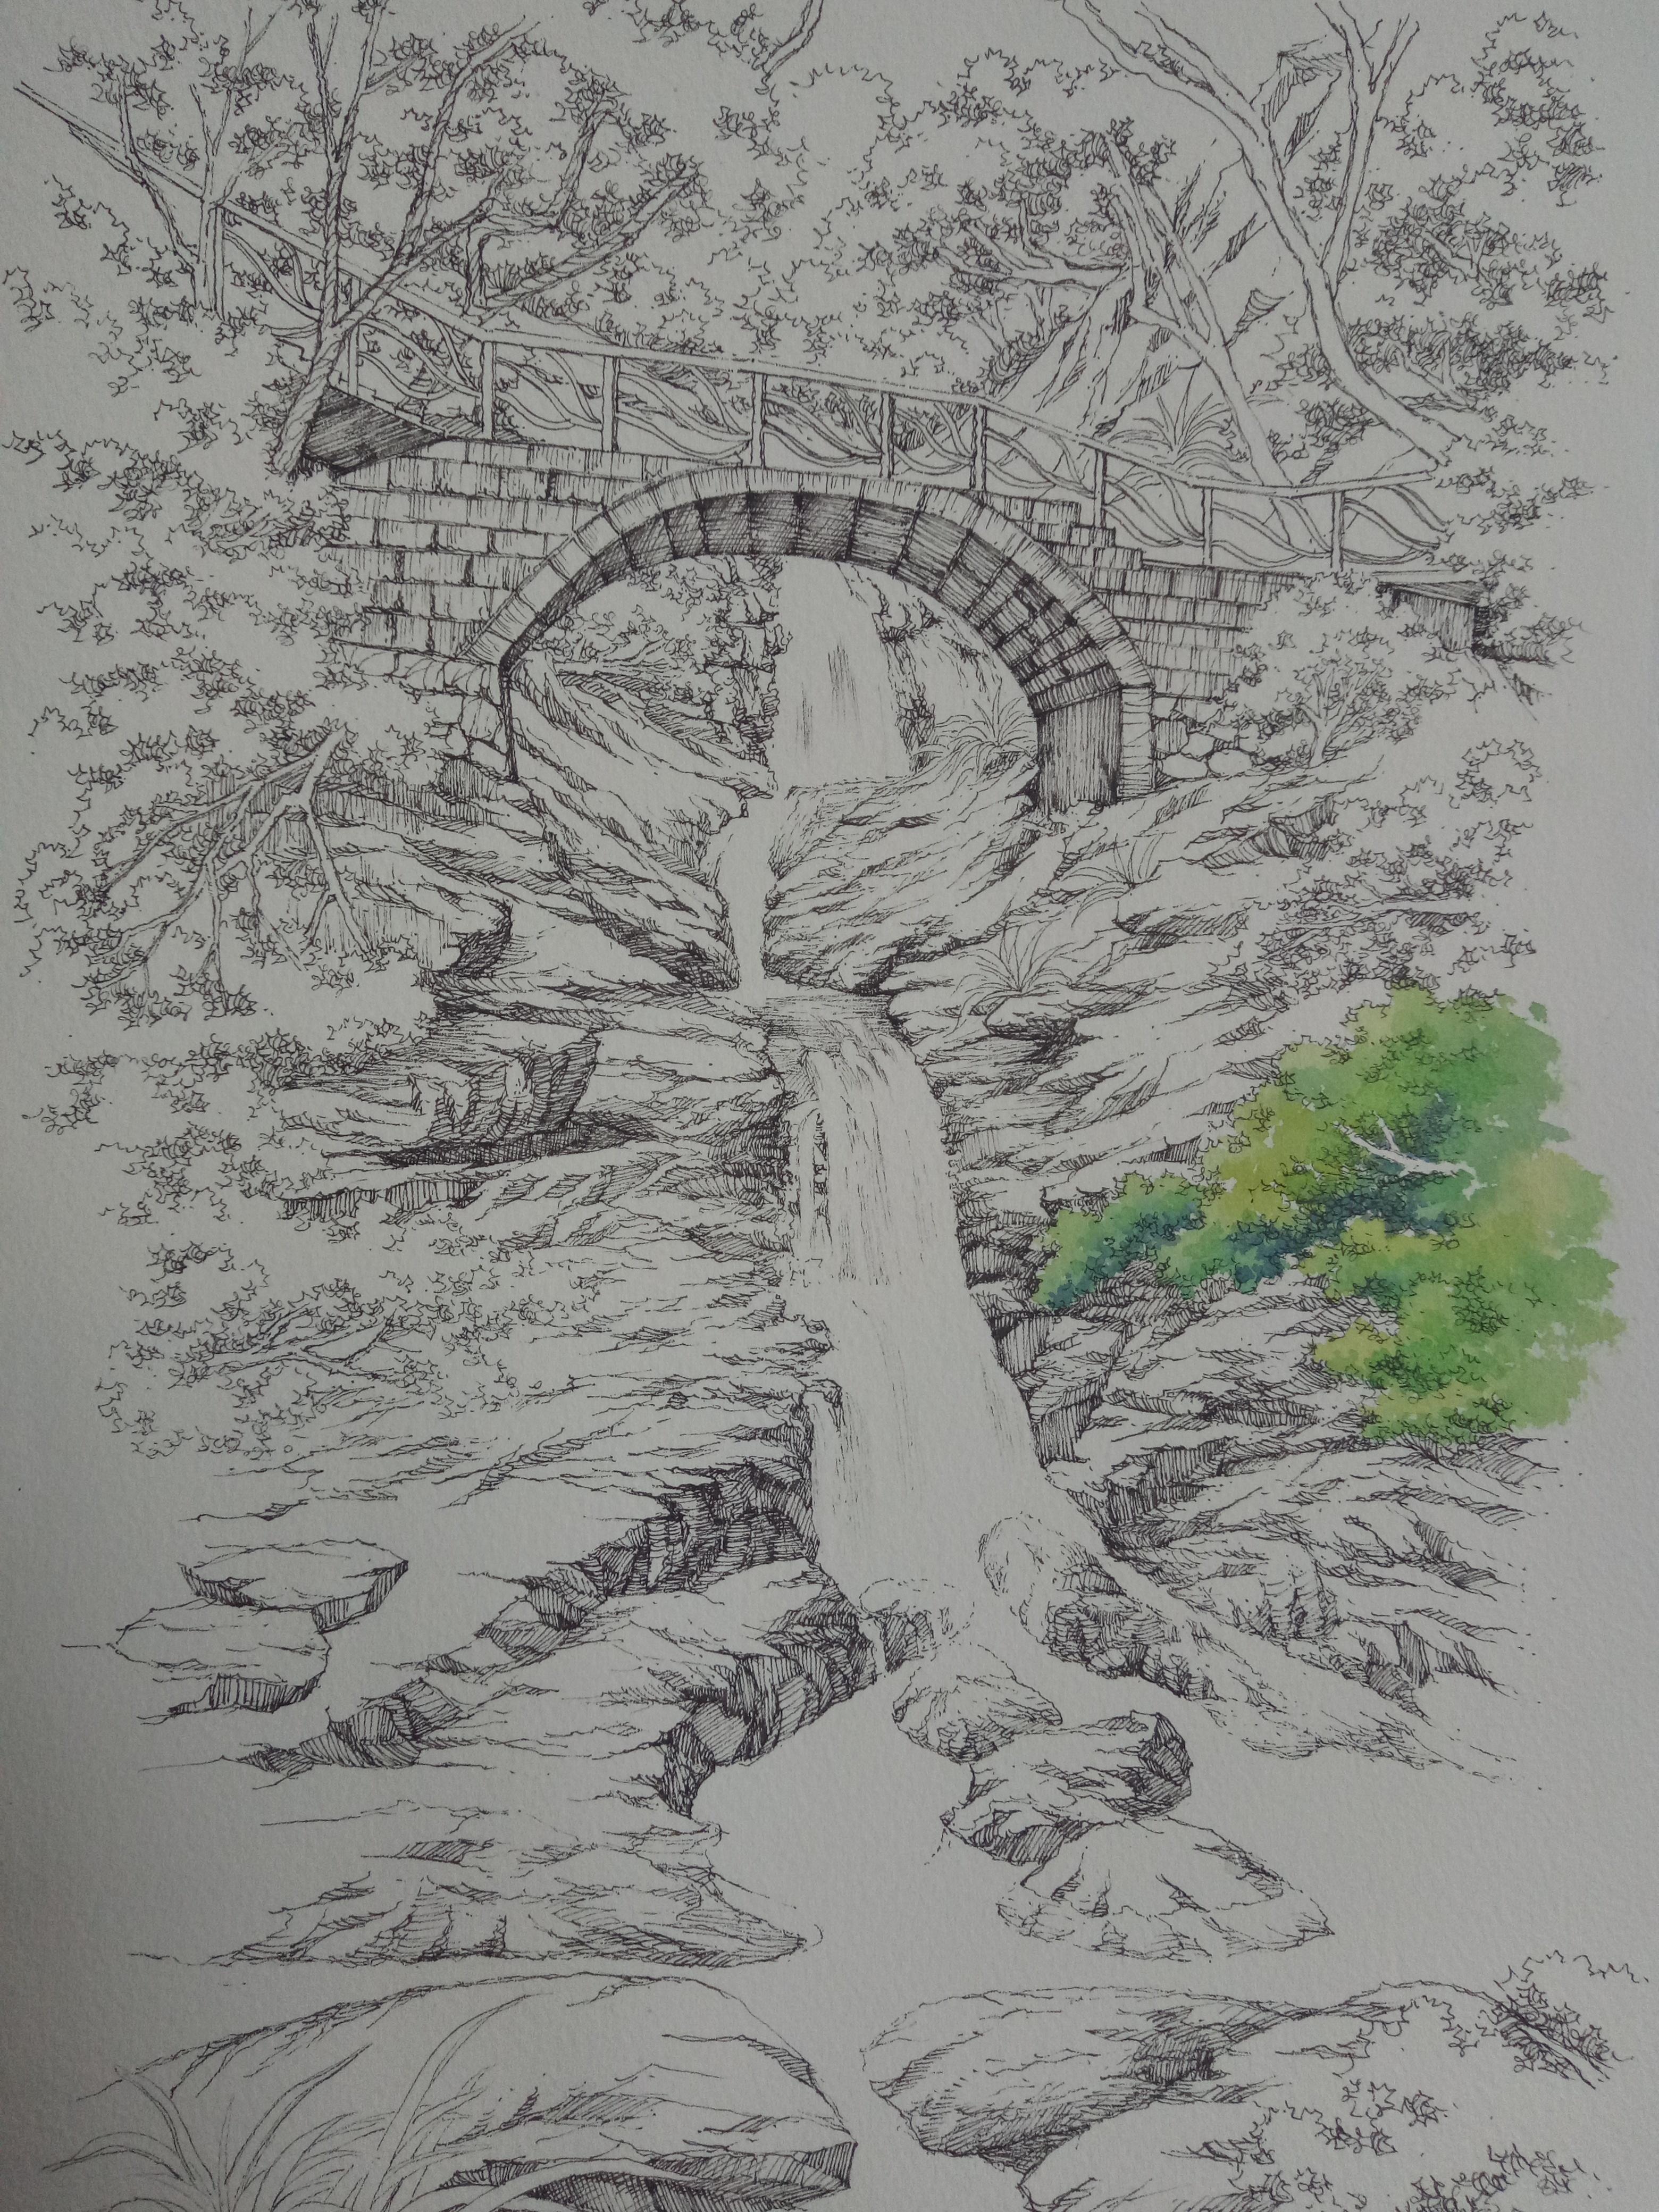 钢笔淡彩手绘风景